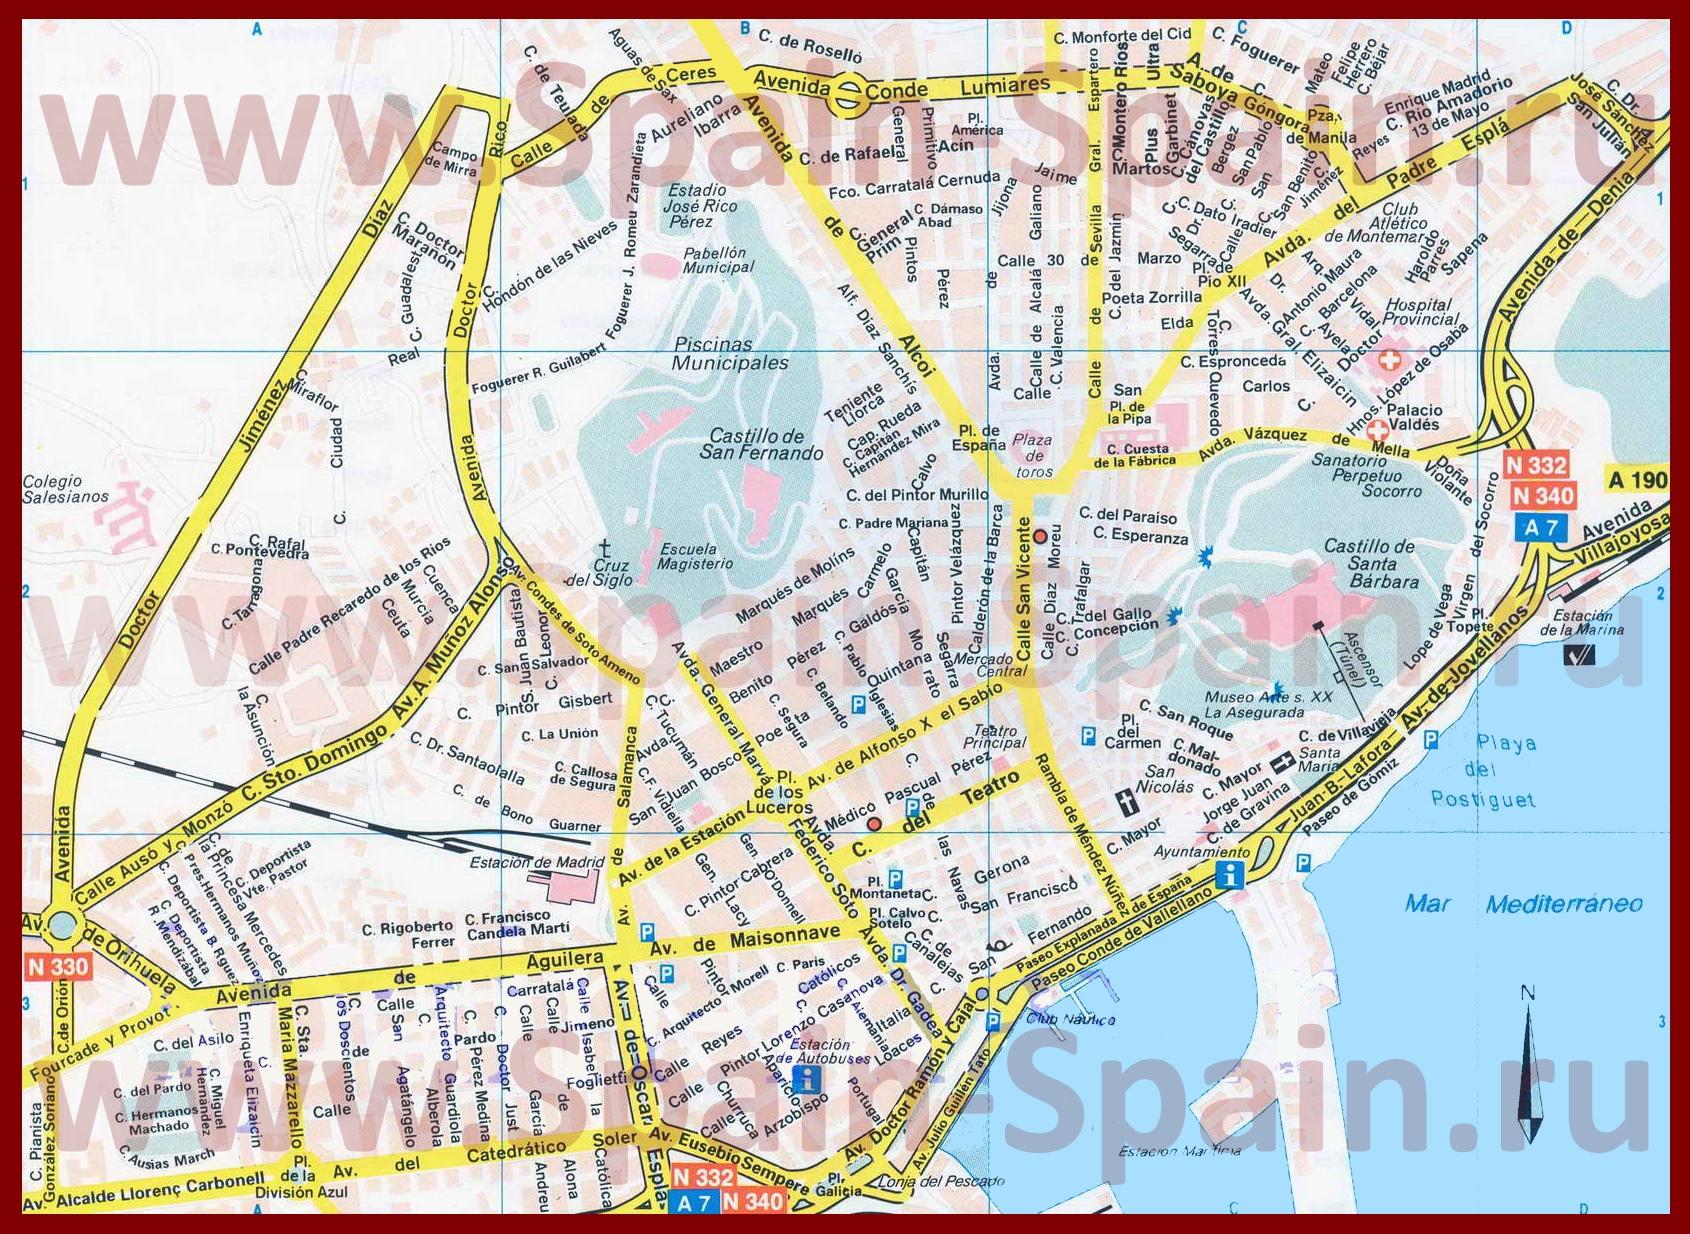 Аликанте карта в гугле